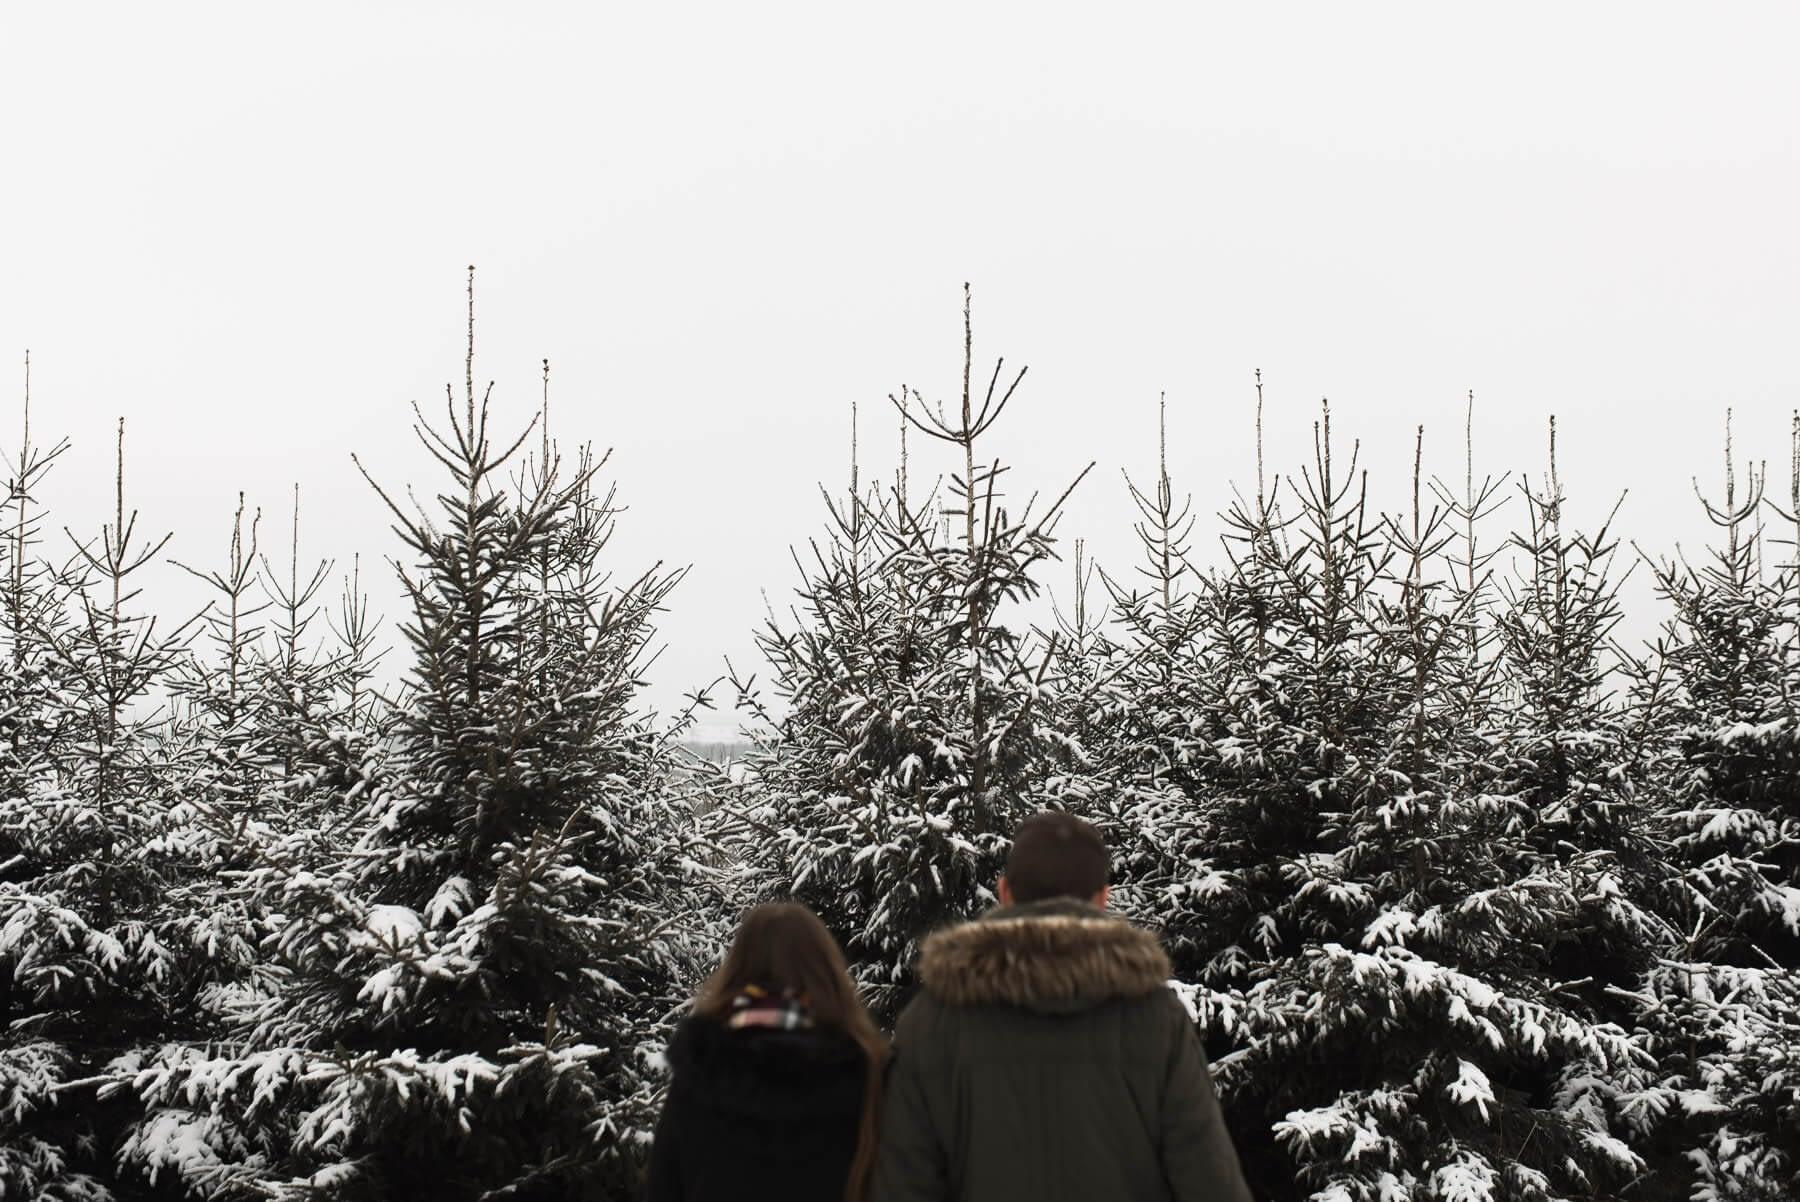 Nadelwald mit Schnee und Paar während Shooting unscharf